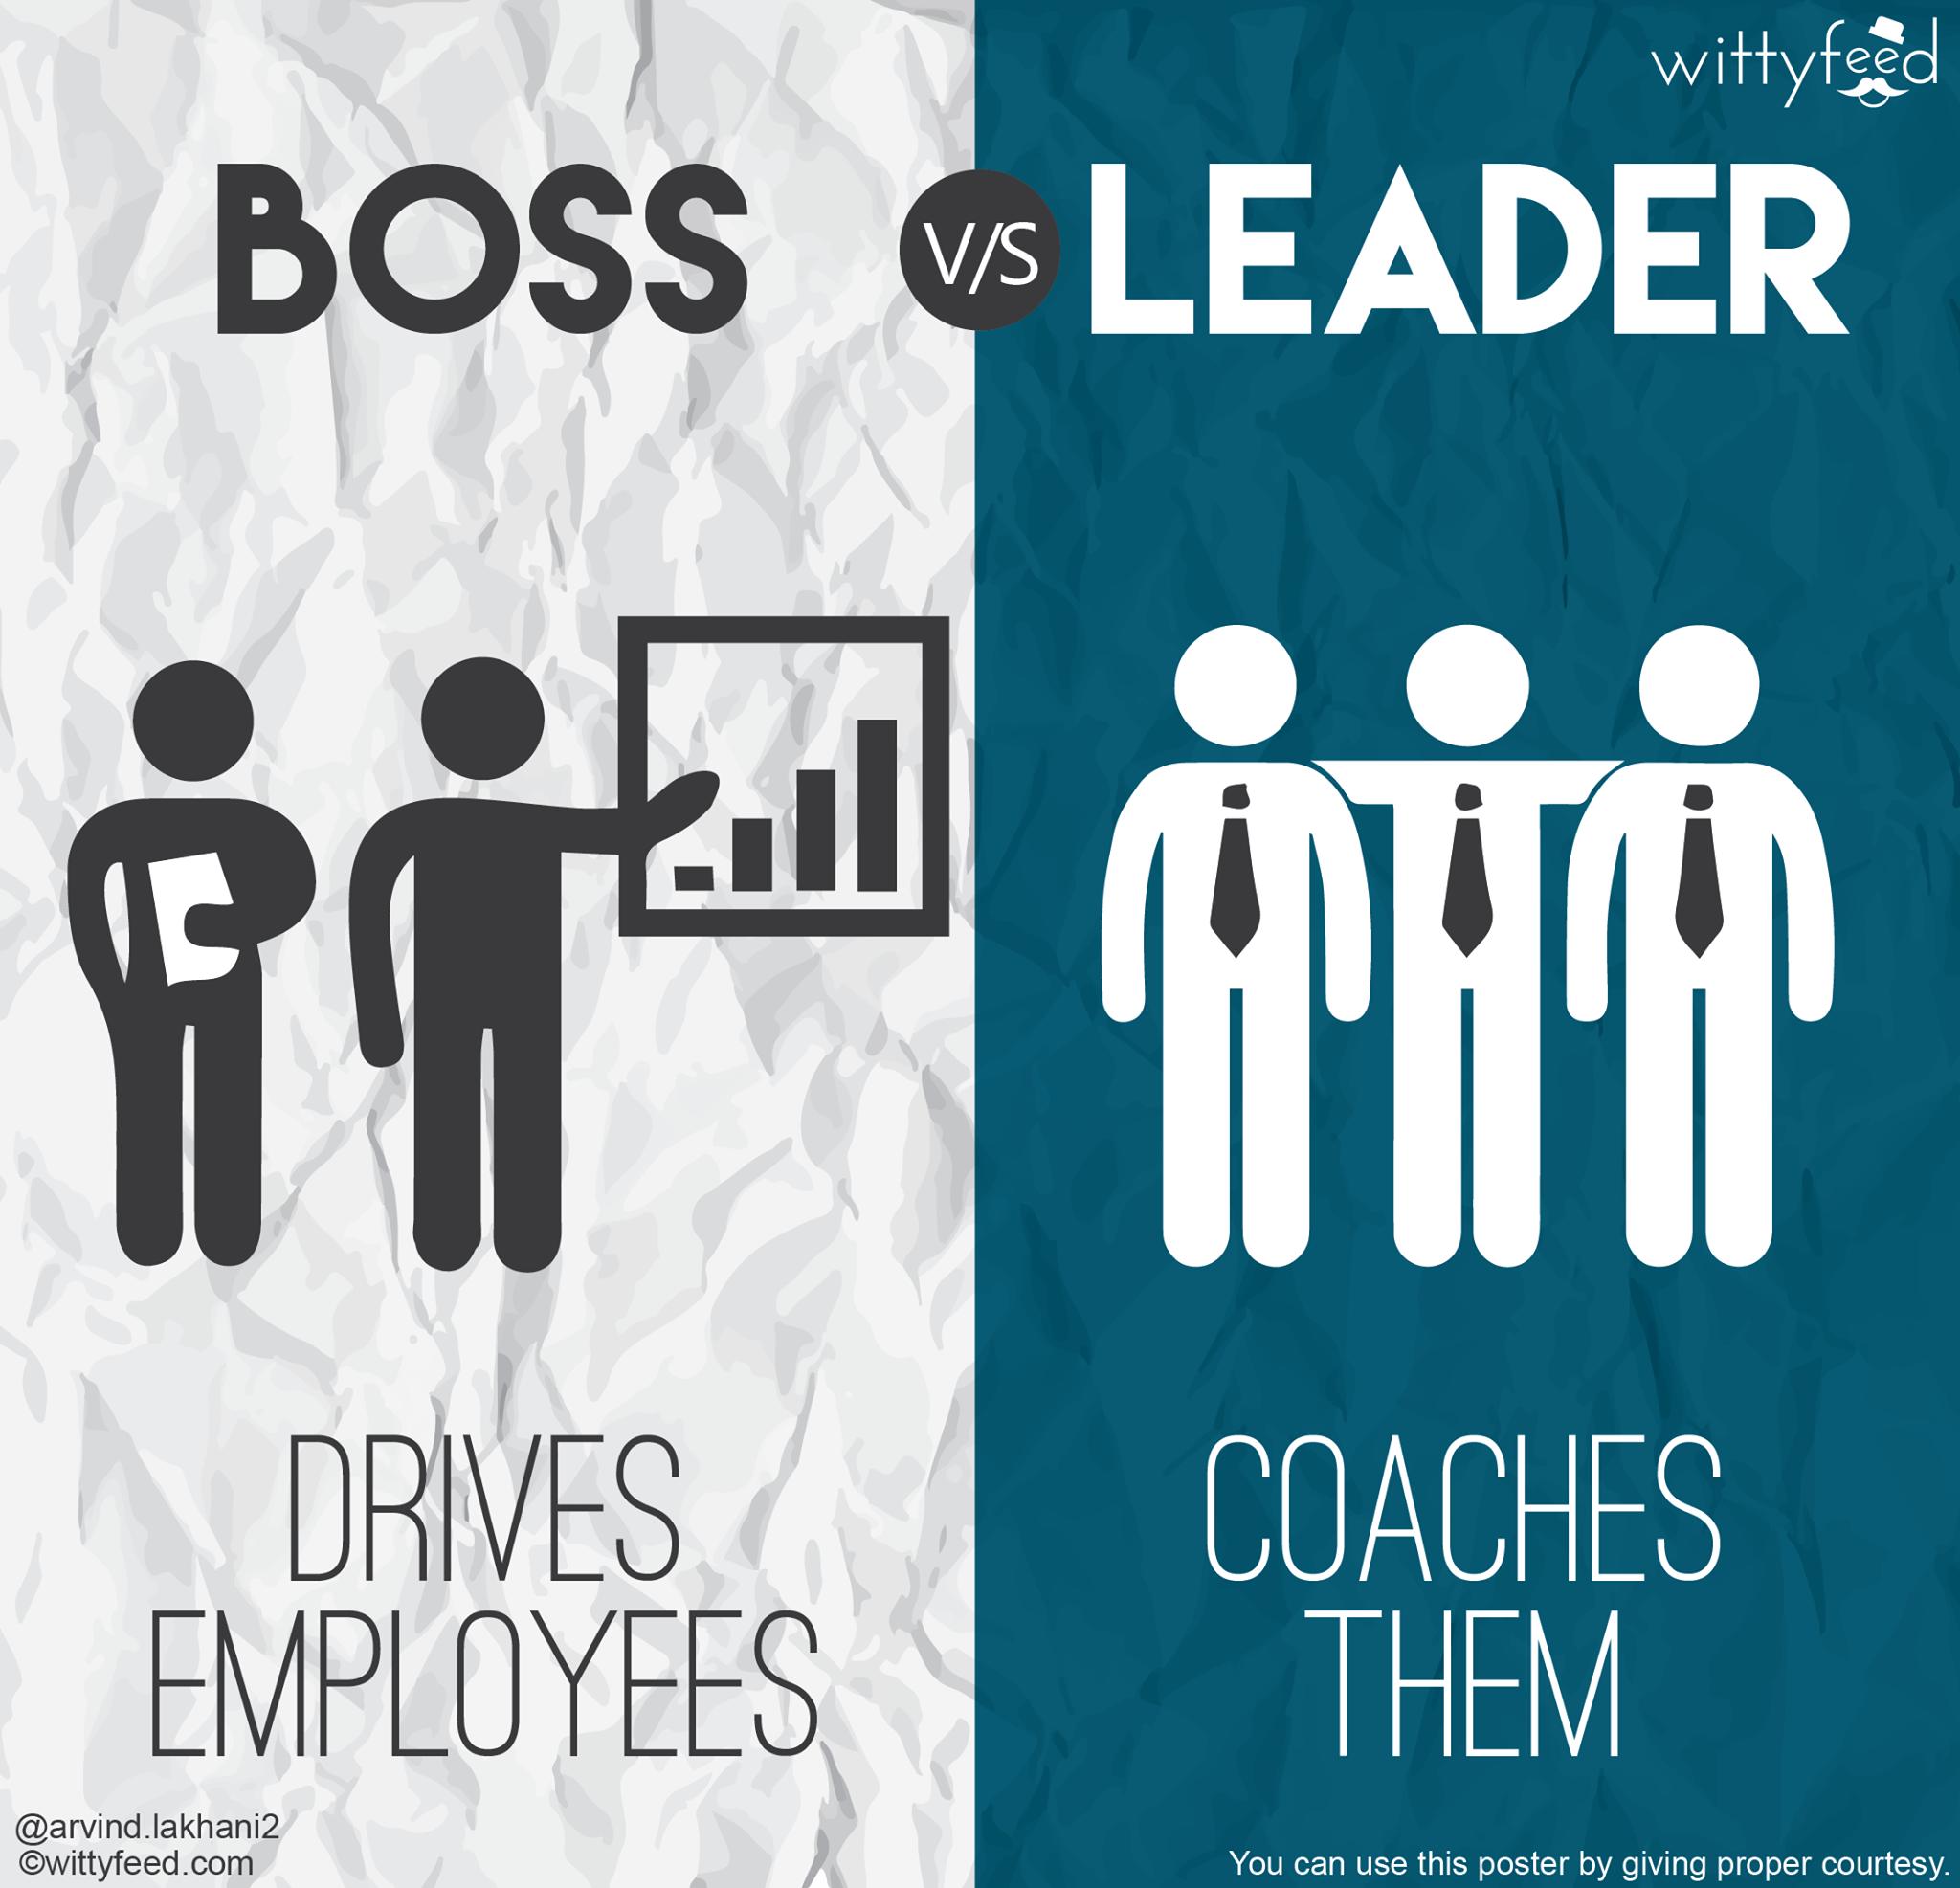 Boss vs leader 6